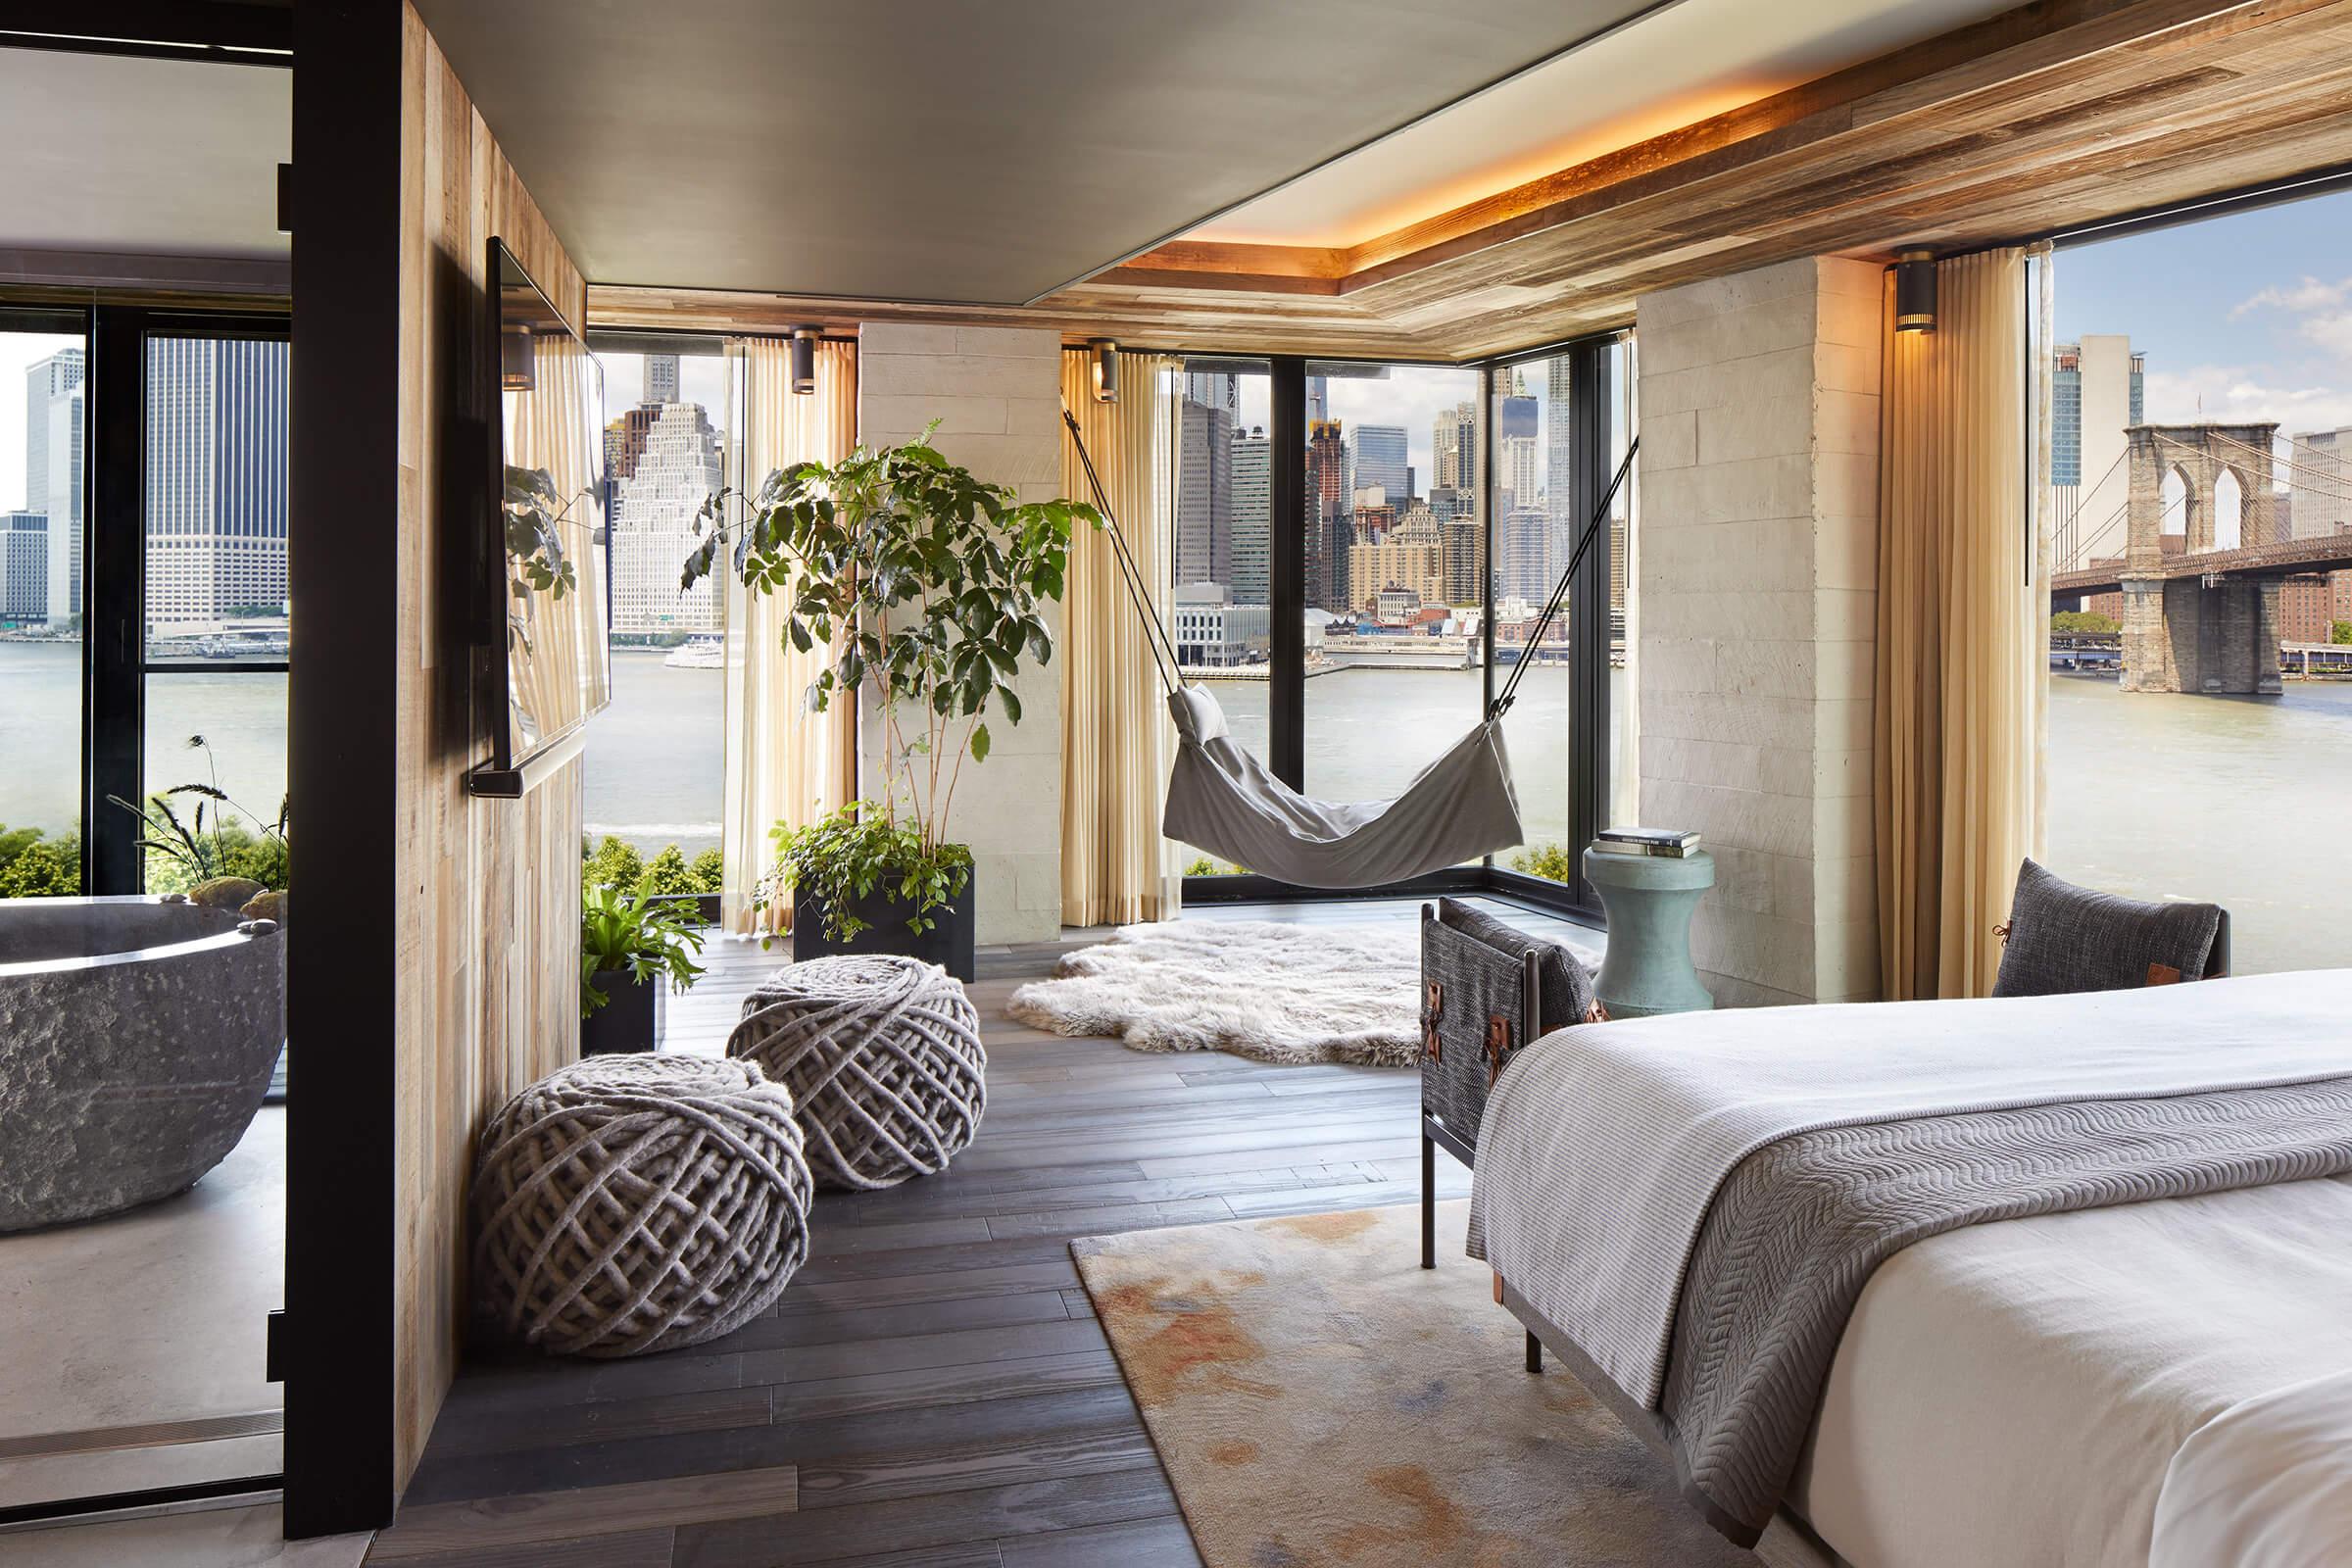 HotelsOpening_1HotelBK.jpg